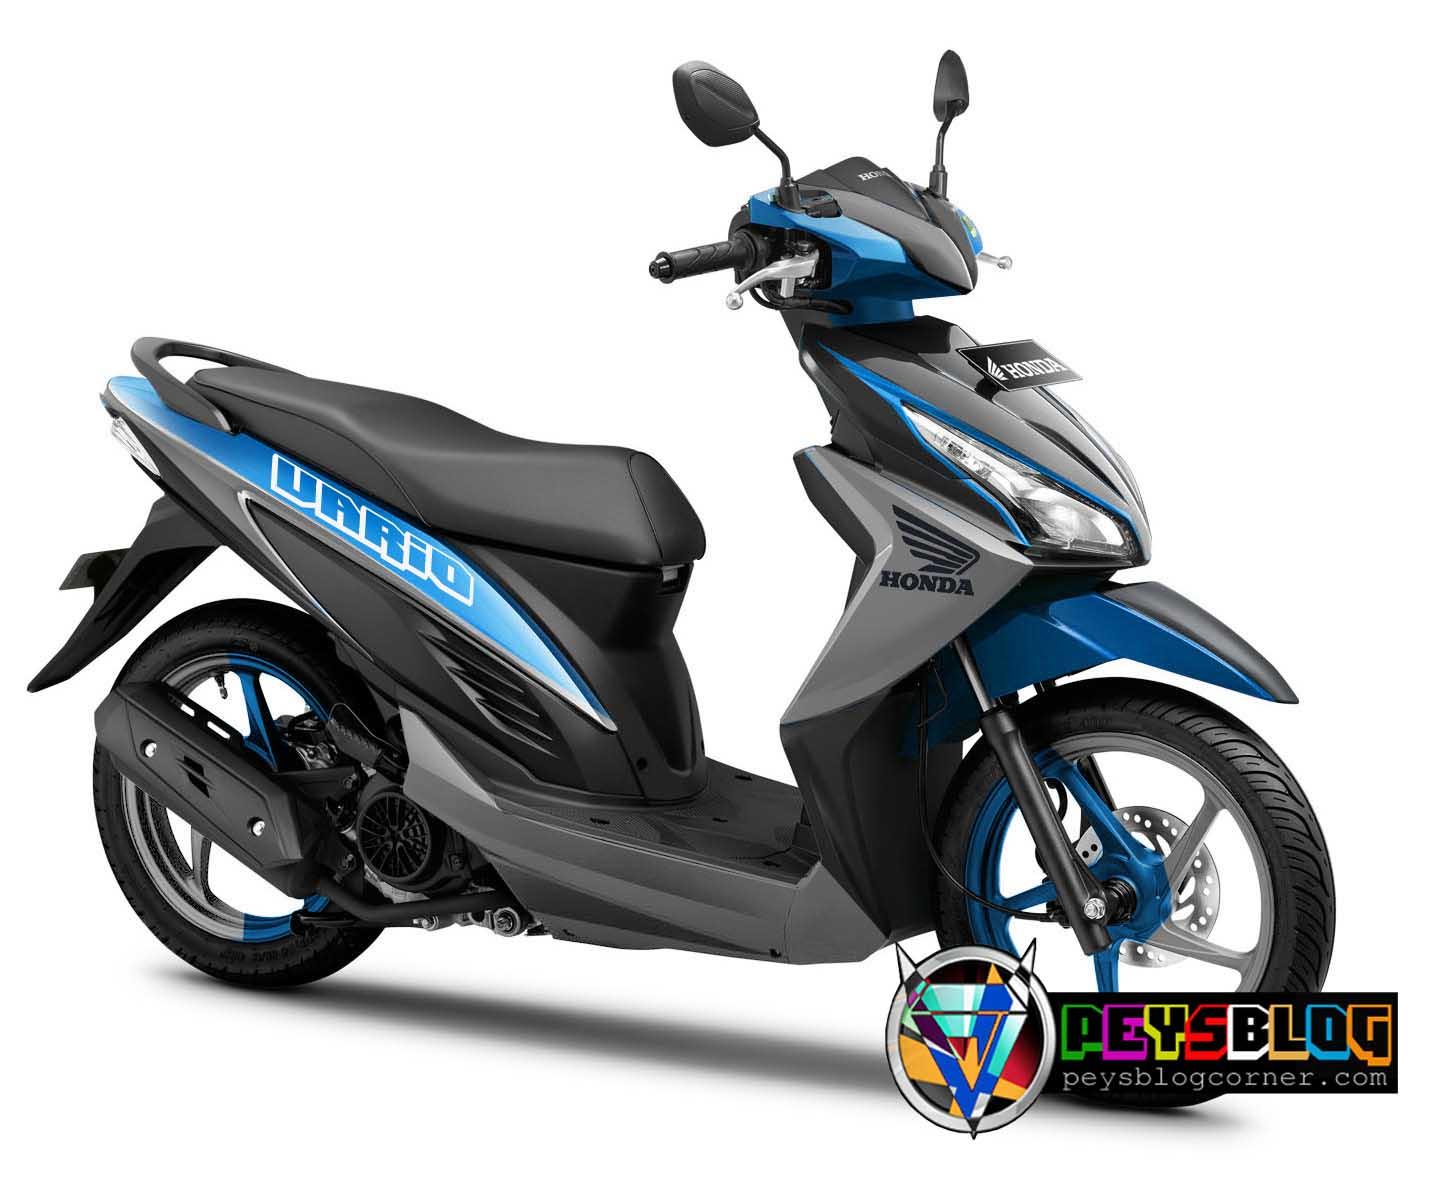 Modifikasi Vario 110 Biru Putih Galeri Motor Vario